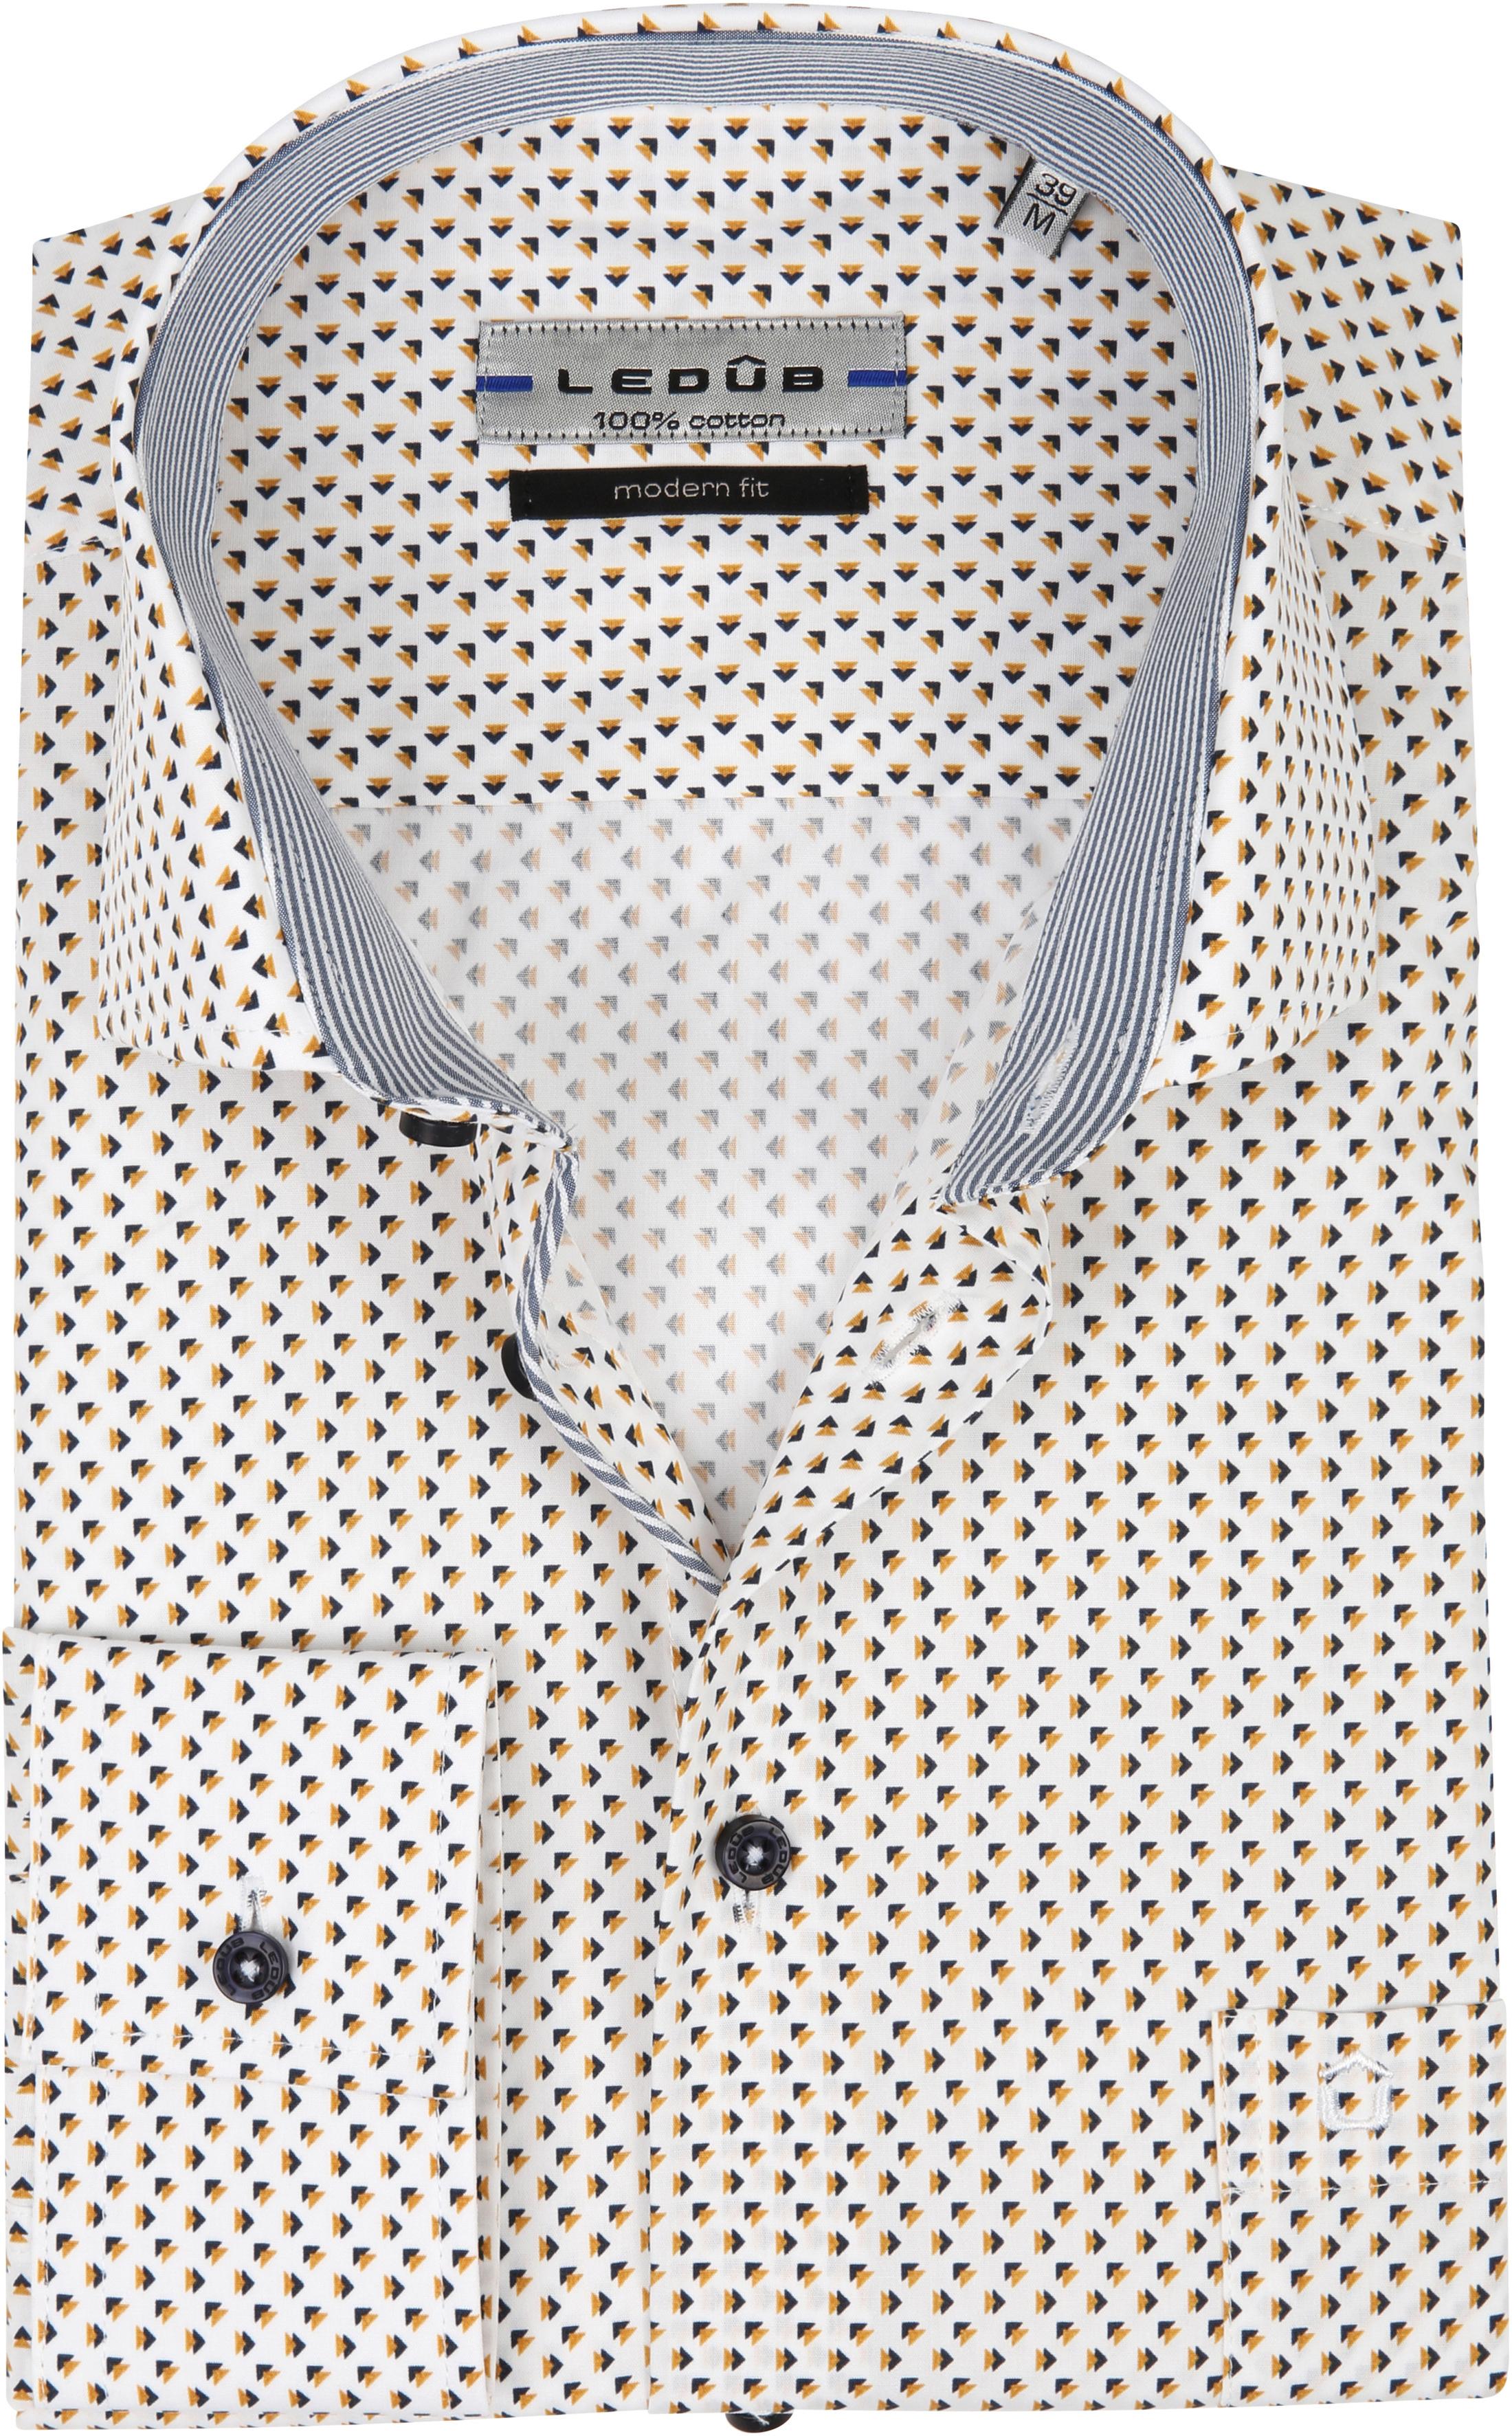 Ledub Overhemd Patroon Geel foto 0